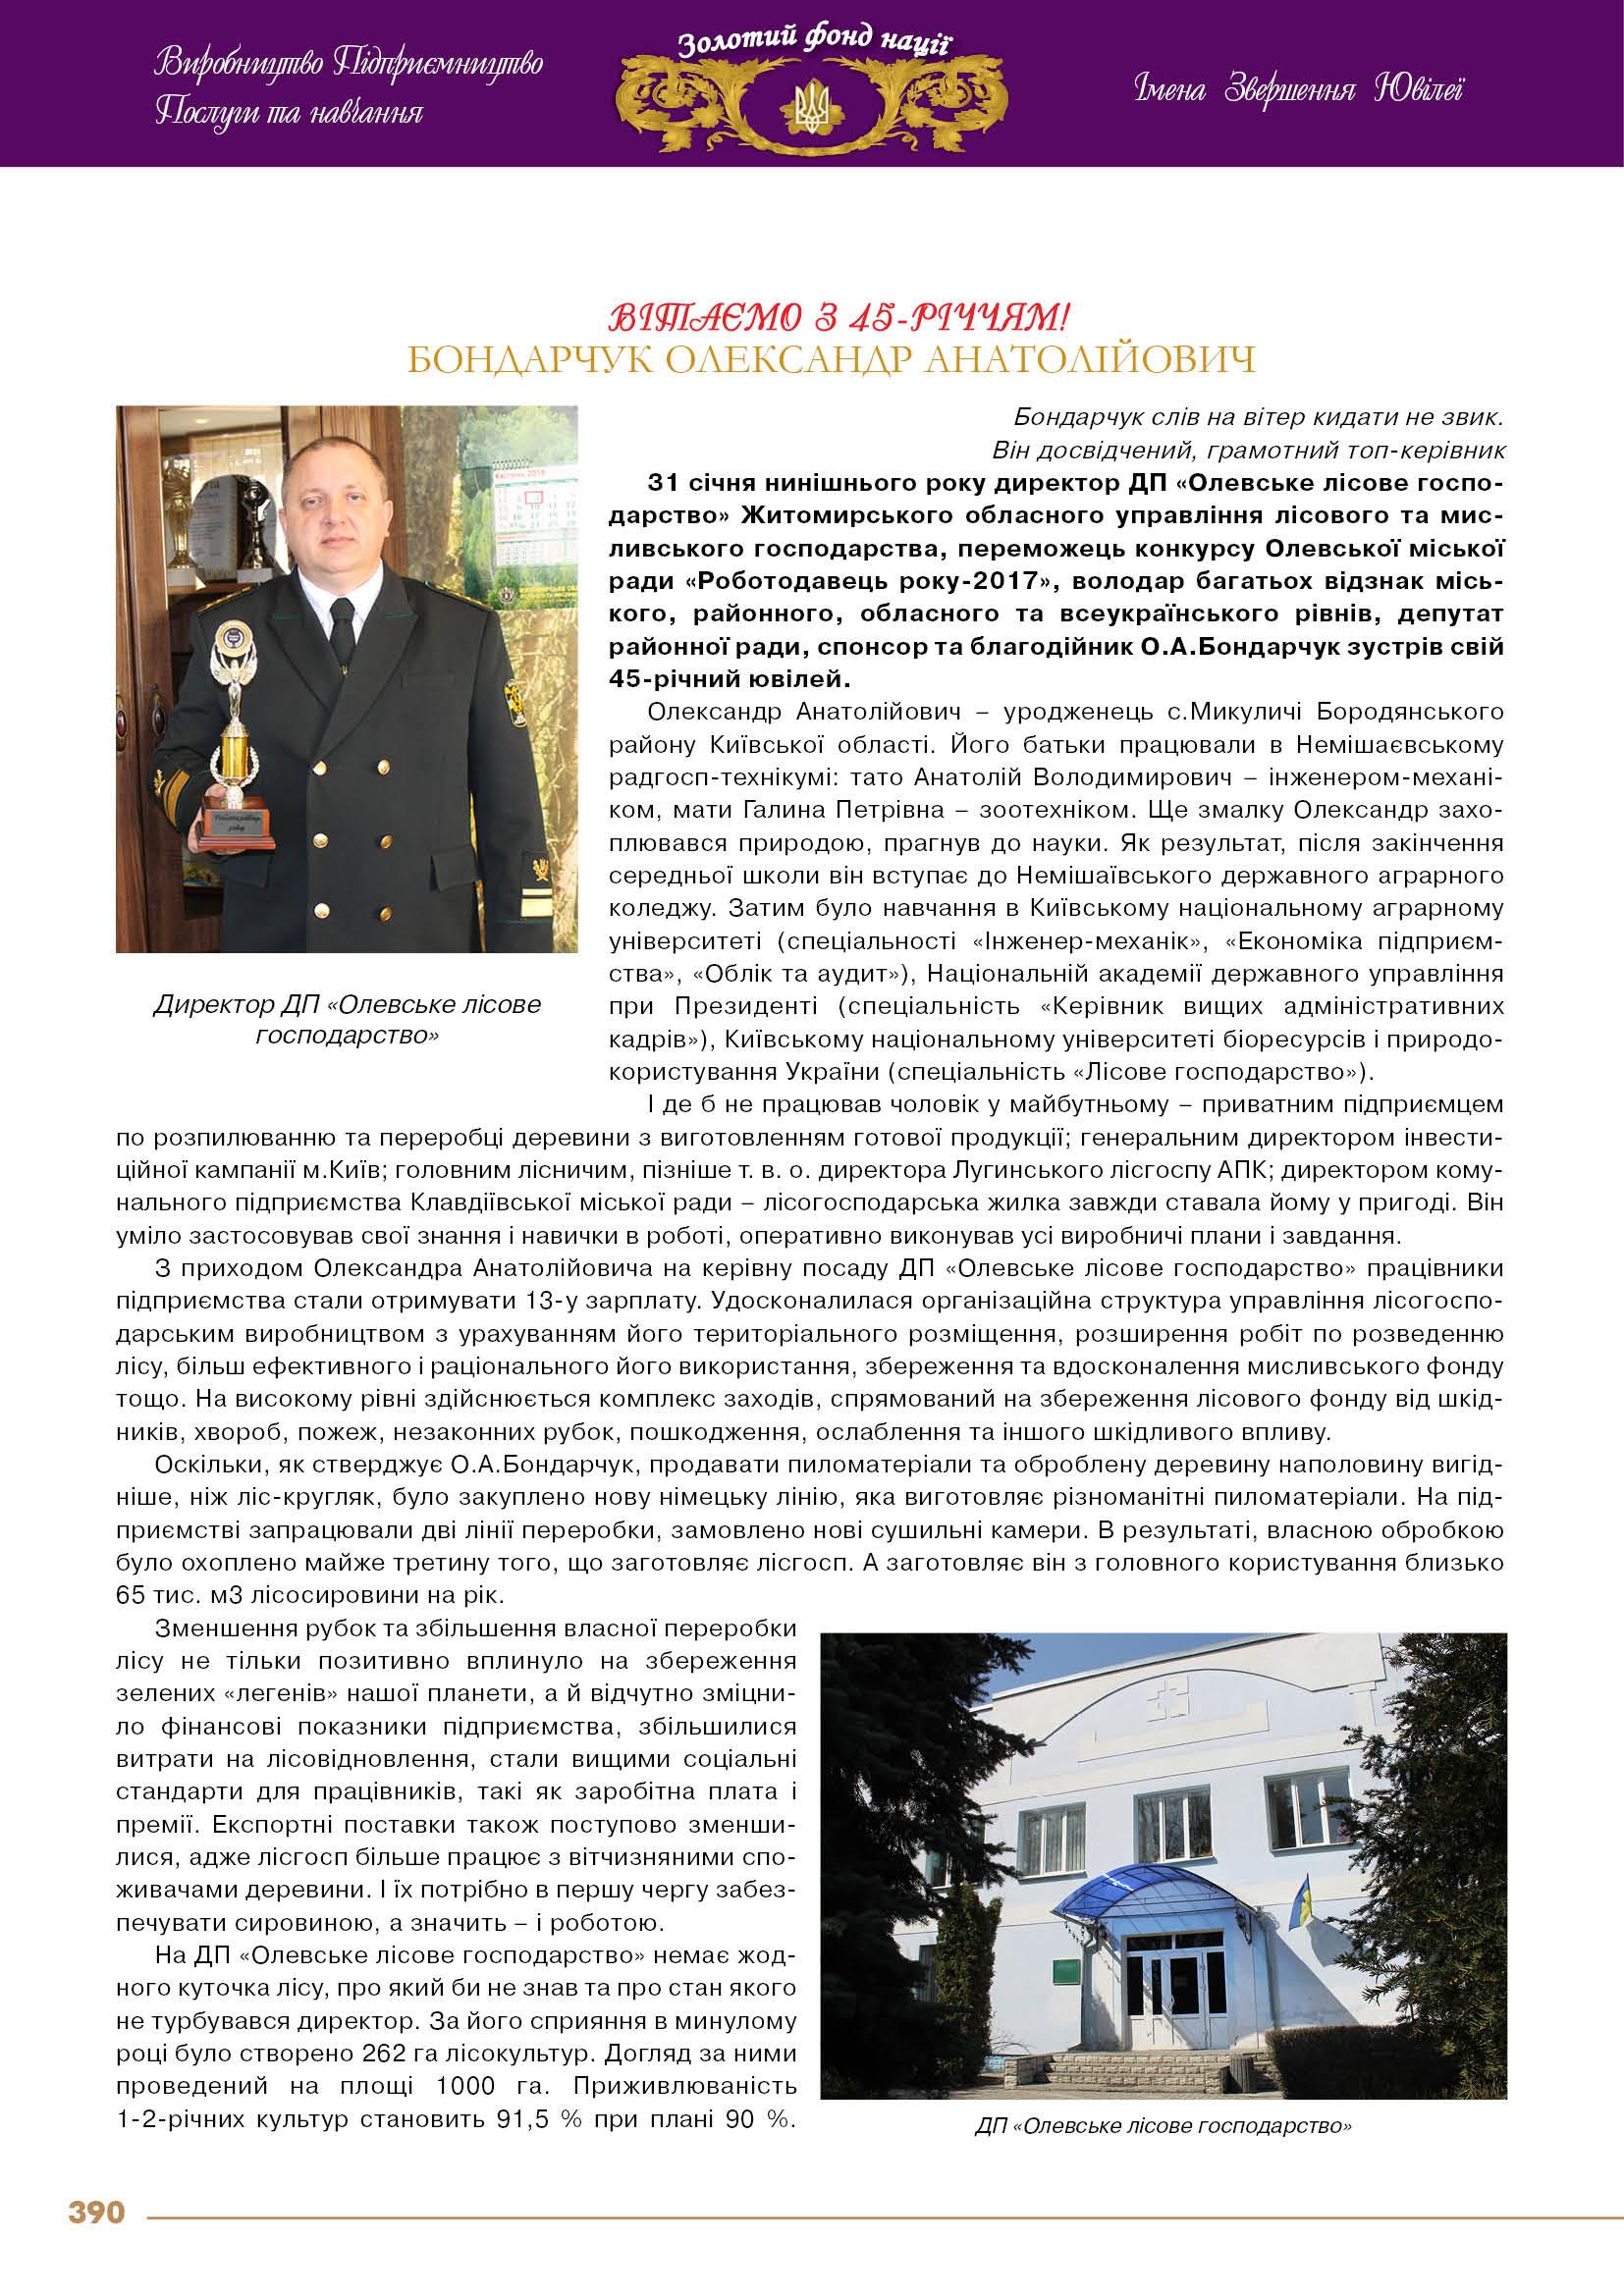 Бондарчук Олександр Анатолійович